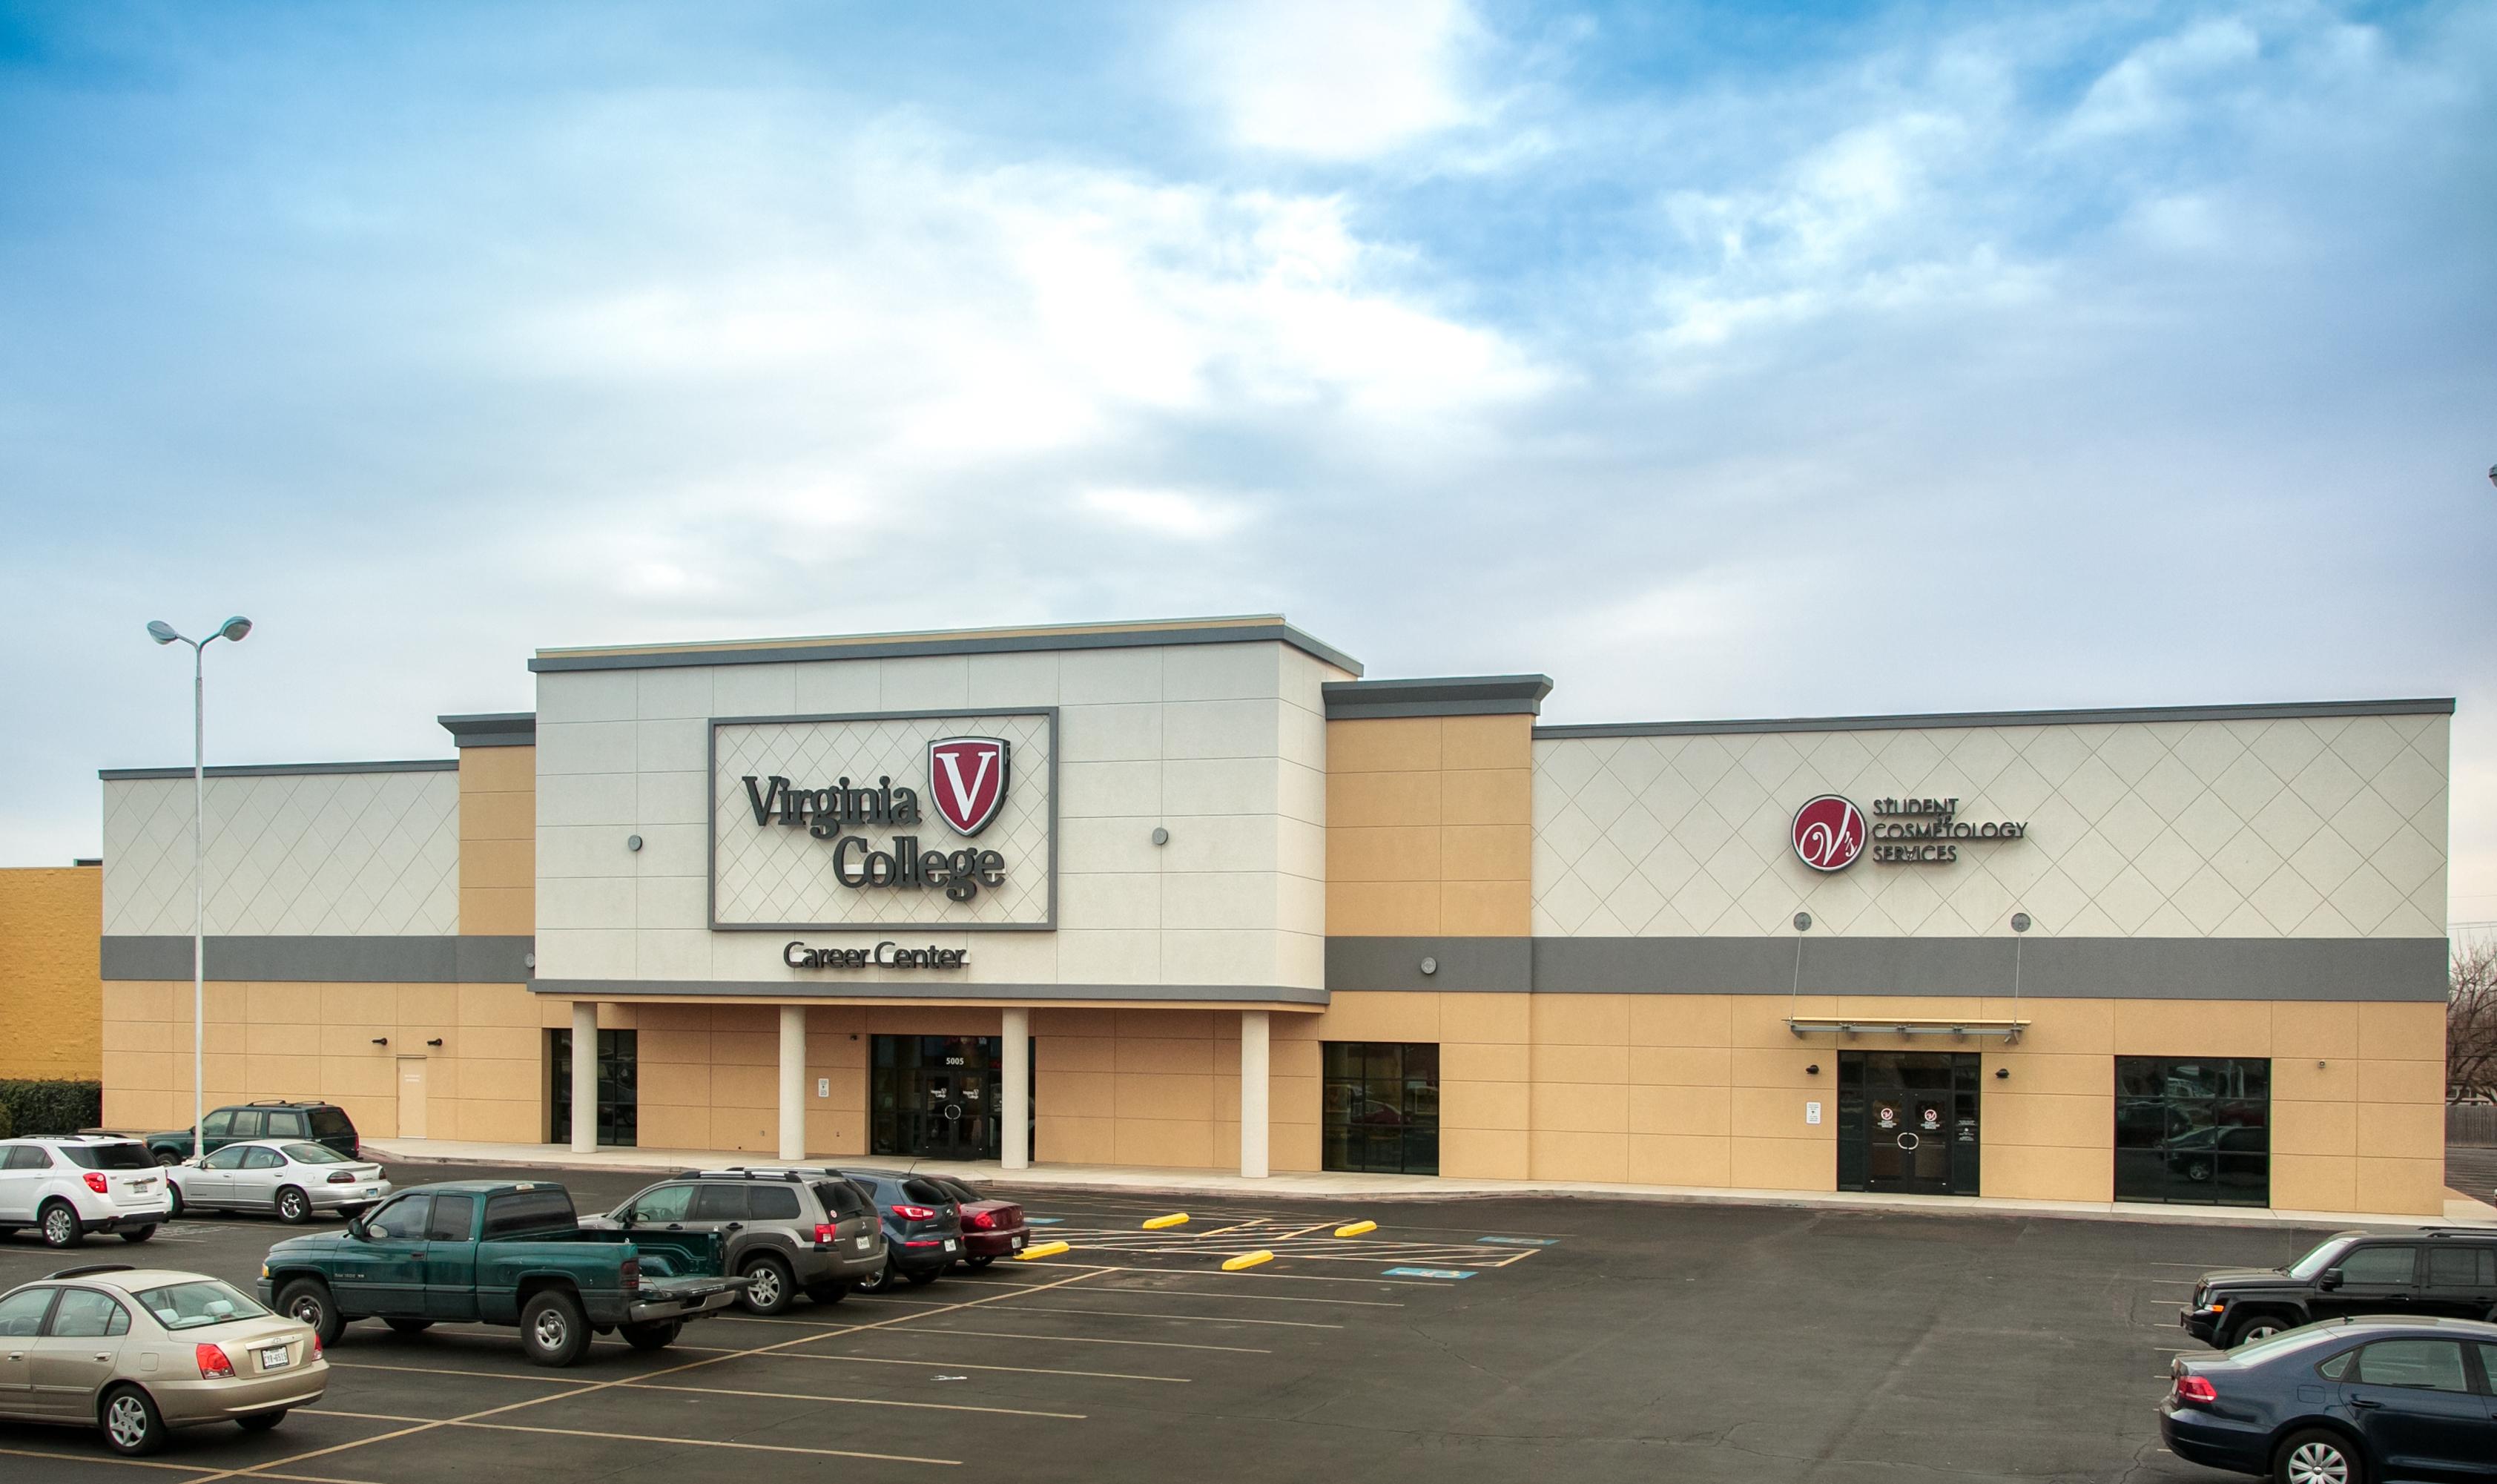 Virginia College in Lubbock image 1